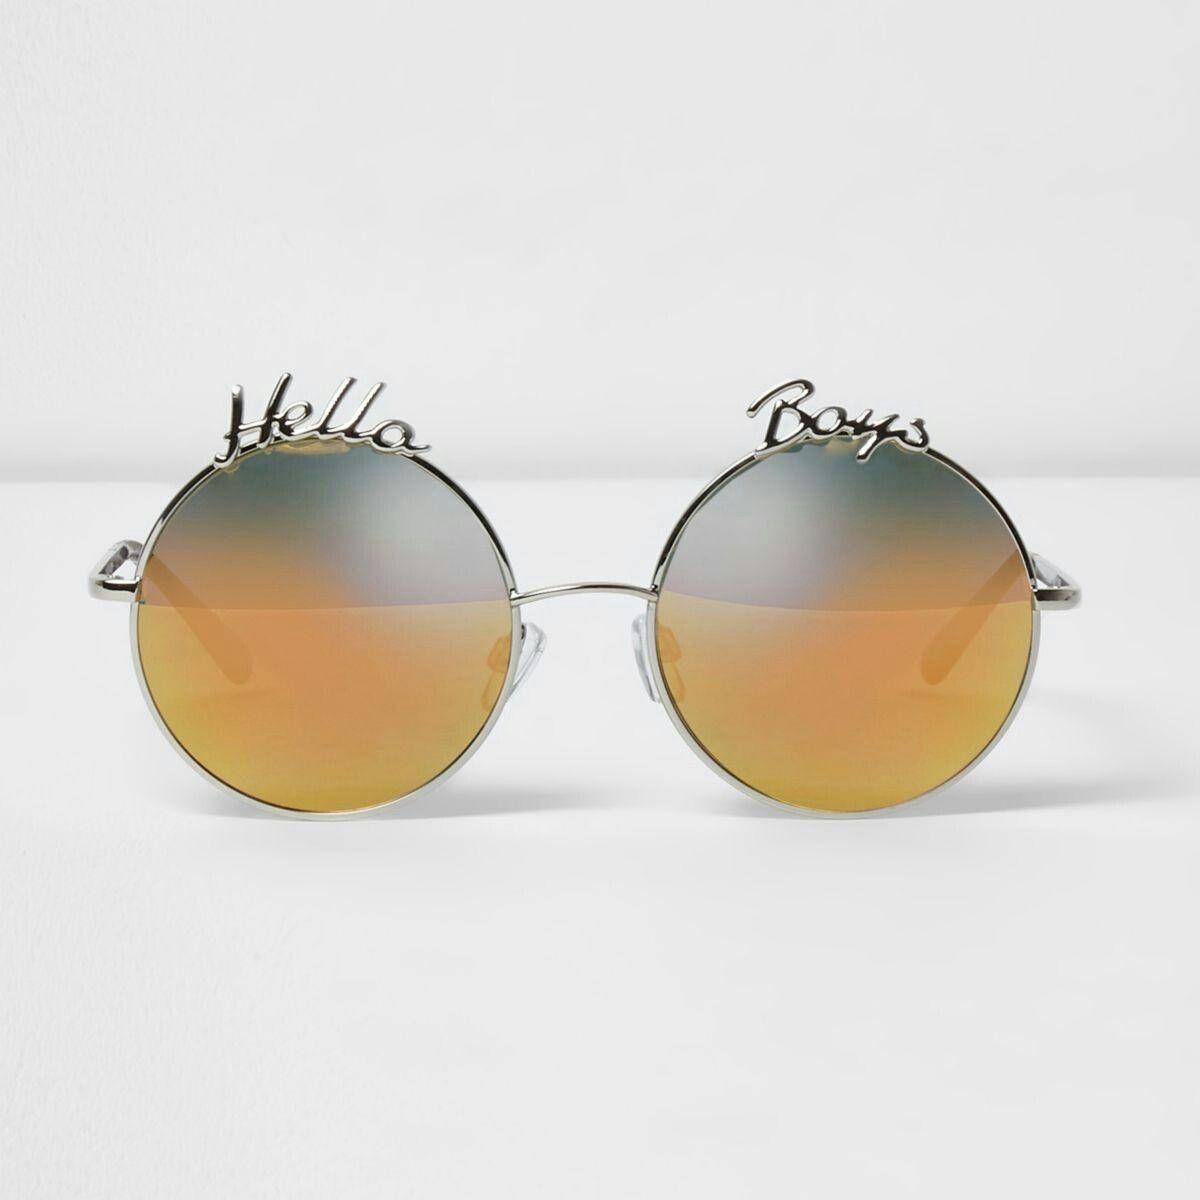 20952a2e7c Silver tone 'hello boys' round sunglasses   Fashion collection ...